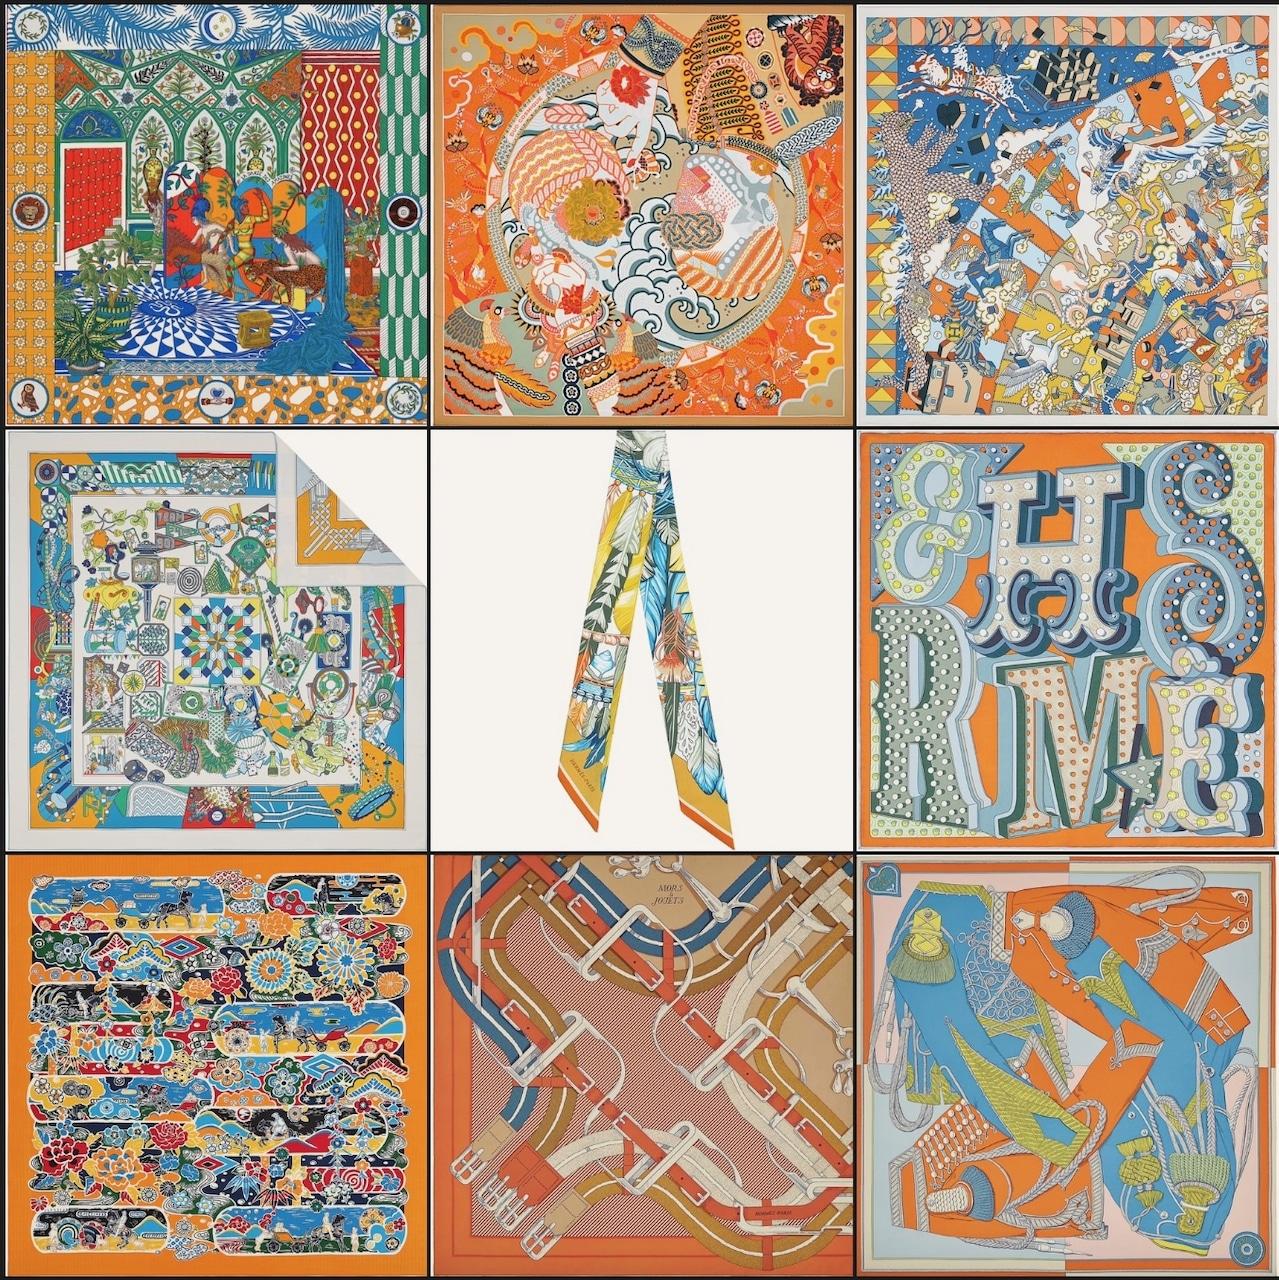 Top Row: La Danse des Amazones shawl 140, Duo Cosmique scarf 90, L'Epopee d'Hermes Detail scarf 70. Middle Row: De l'Ombrelle aux Duels double face scarf 90, Danse Pacifique twilly, Hermes Electrique scarf 45. Bottom Rpw: Bingata shawl 140. Mors a Jouets Chemise Detail wash scarf 90, Zouaves et Dragons wash scarf 90. Photos via Hermes.com